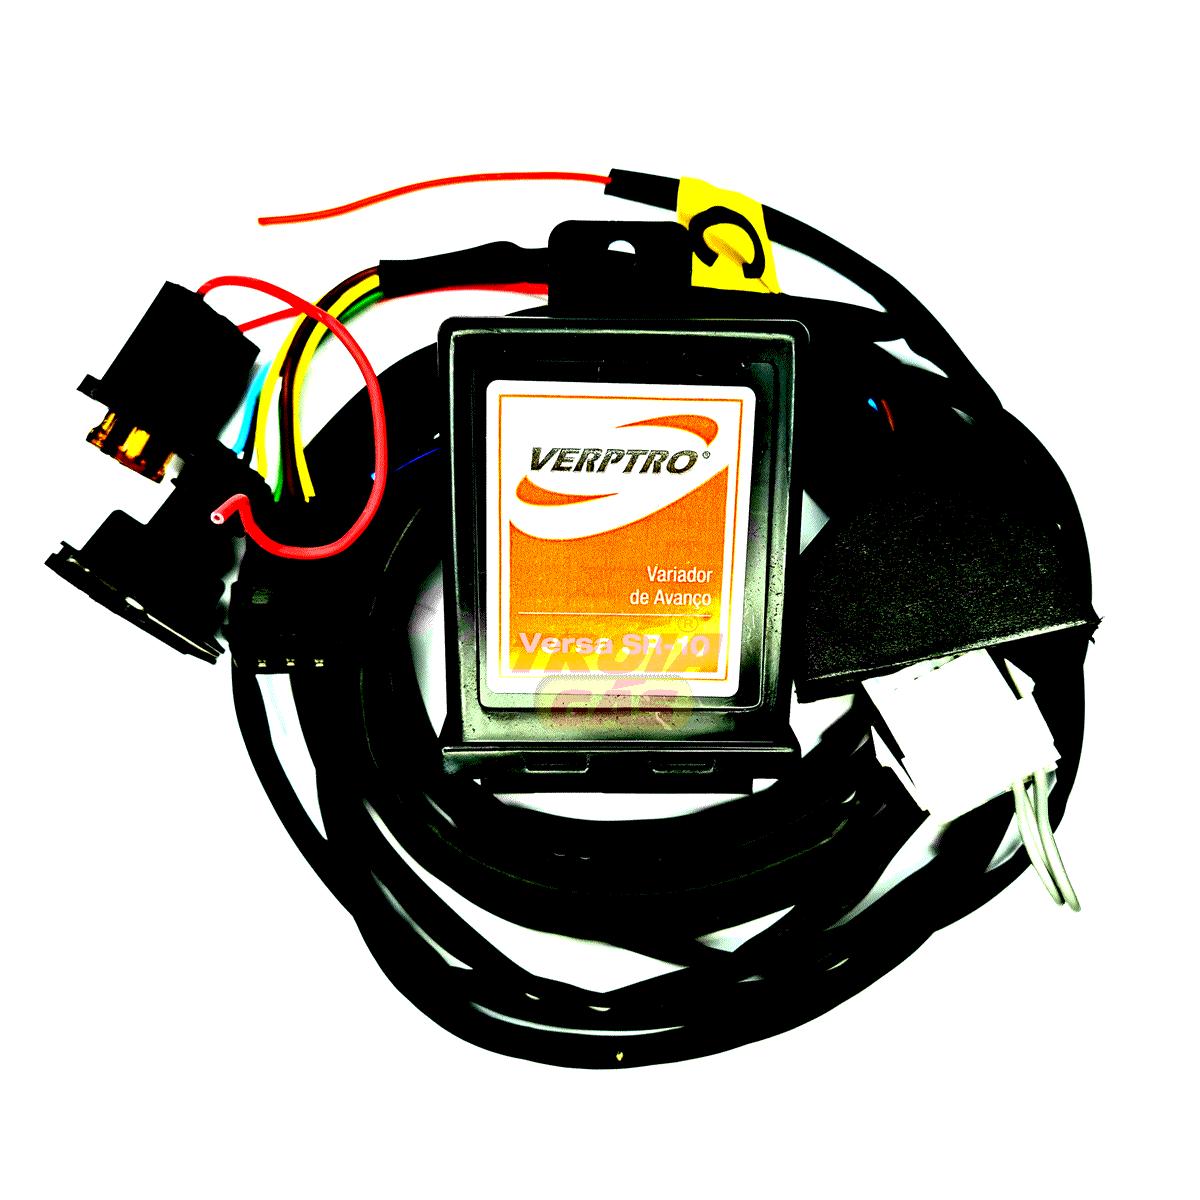 Variador de Avanço Roda Fônica Versa SR10 cabo C VERPTRO